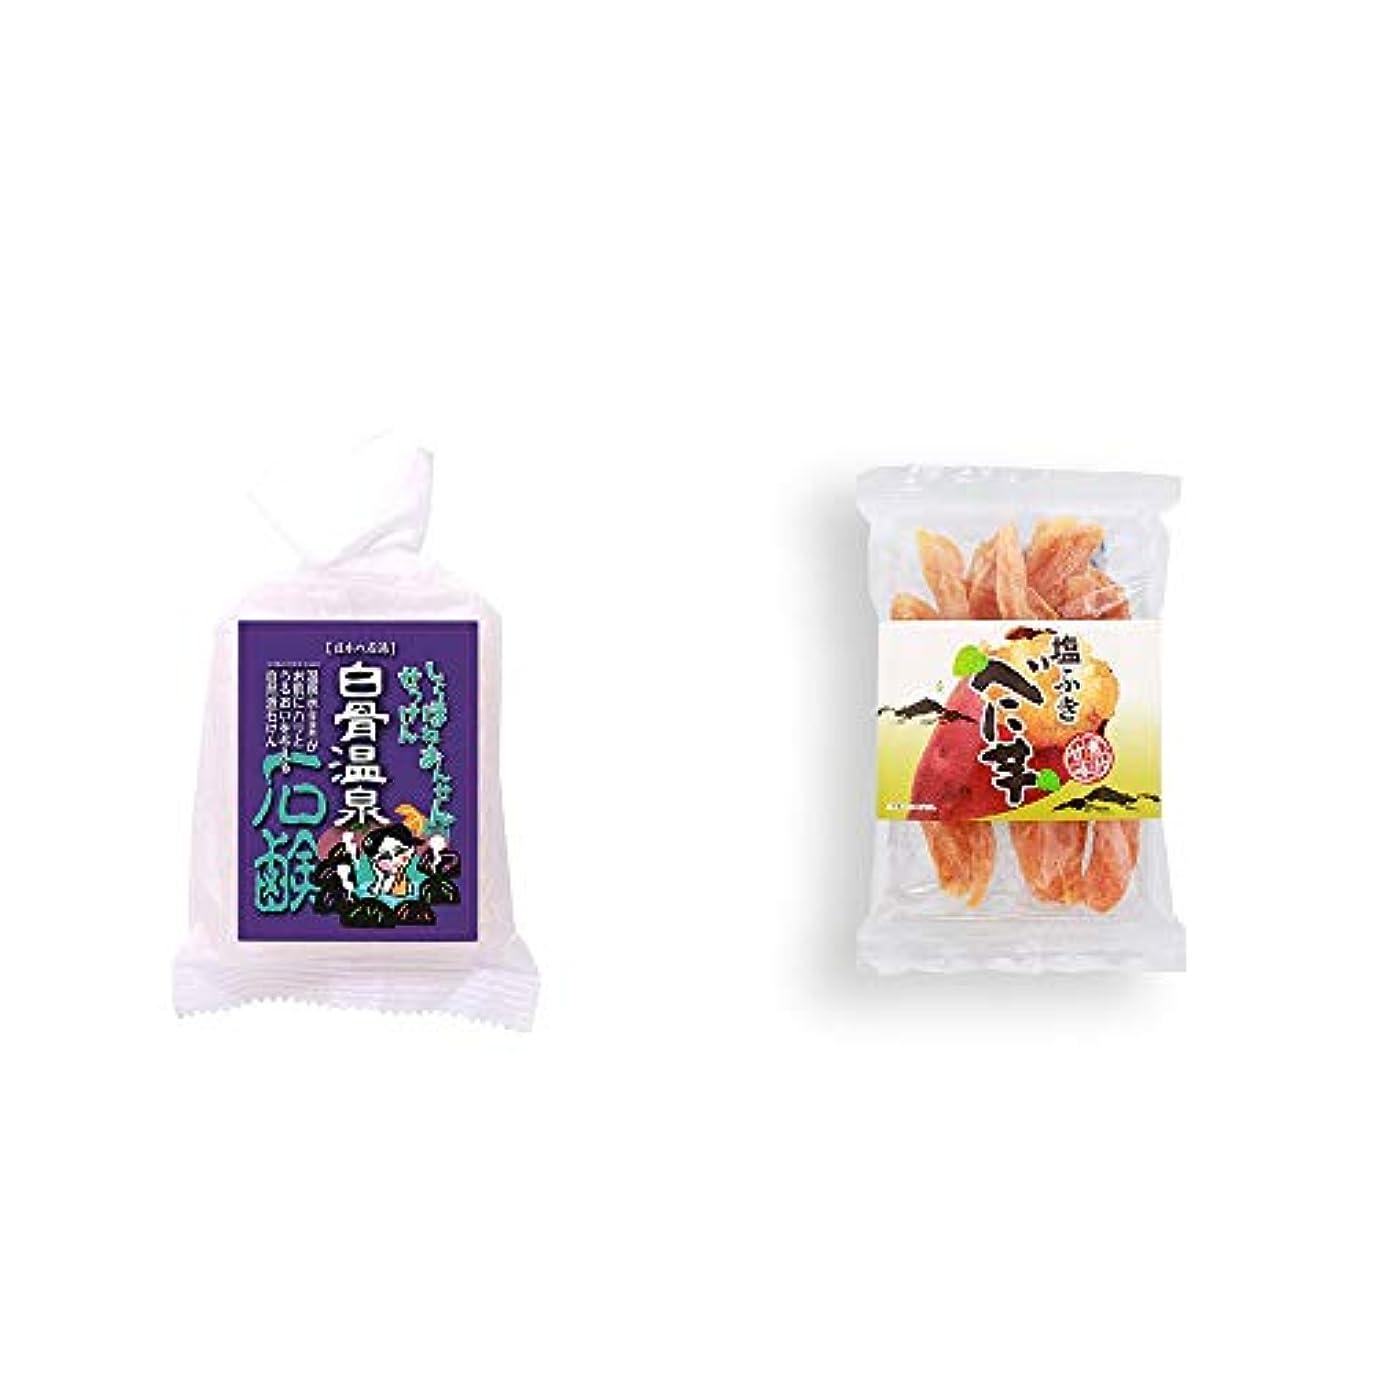 ラインナップ人工的な検索エンジンマーケティング[2点セット] 信州 白骨温泉石鹸(80g)?塩ふき べに芋(250g)